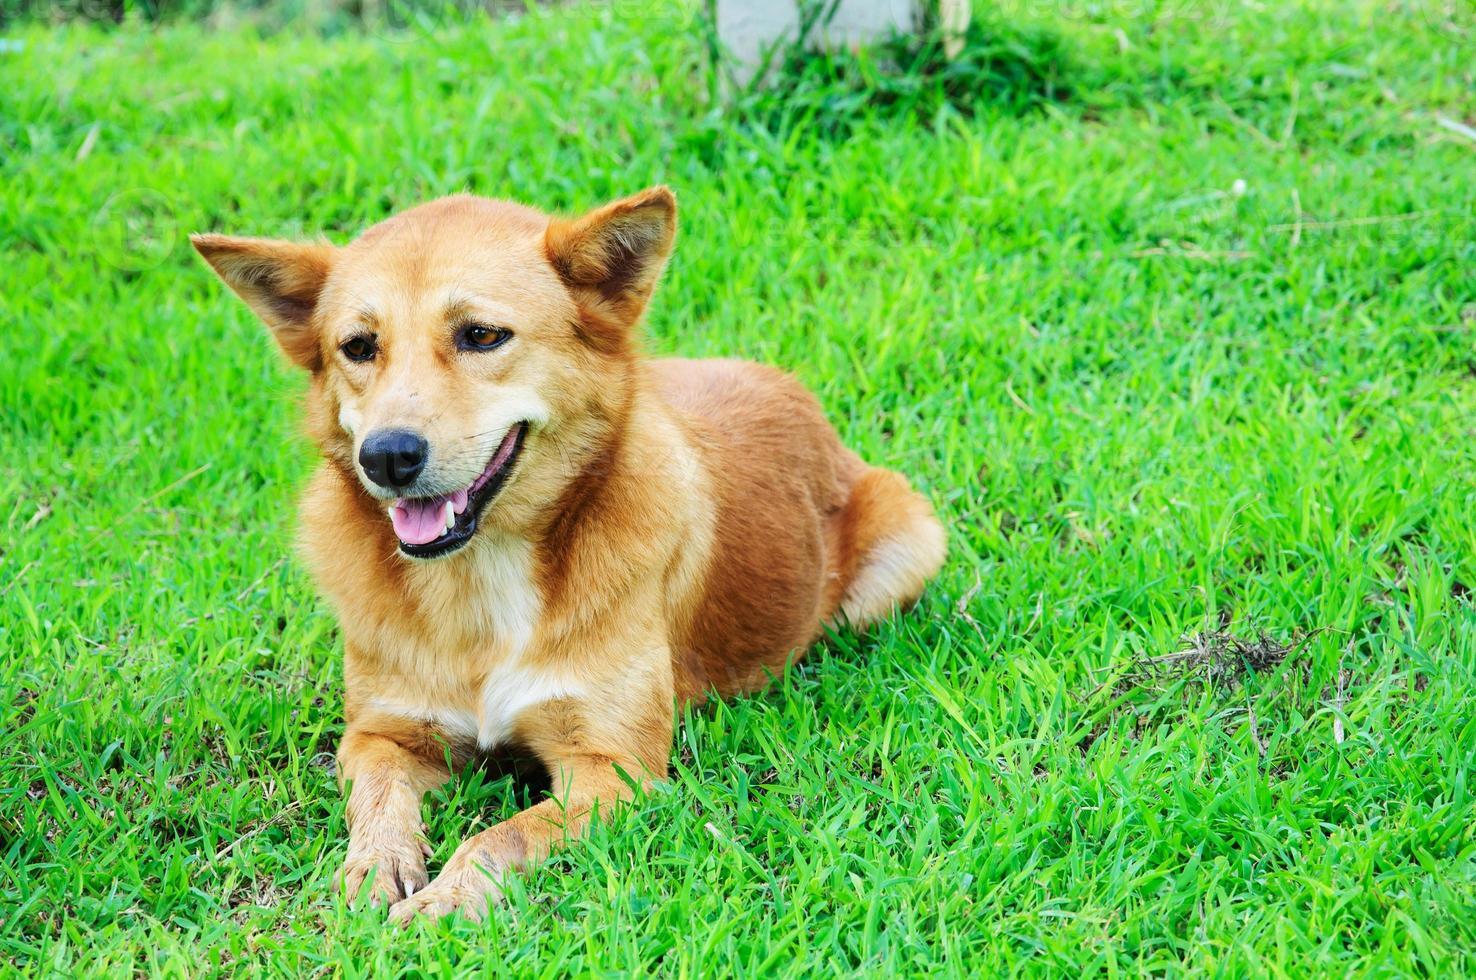 de hond genieten op gras in de natuur (selectieve aandacht) foto